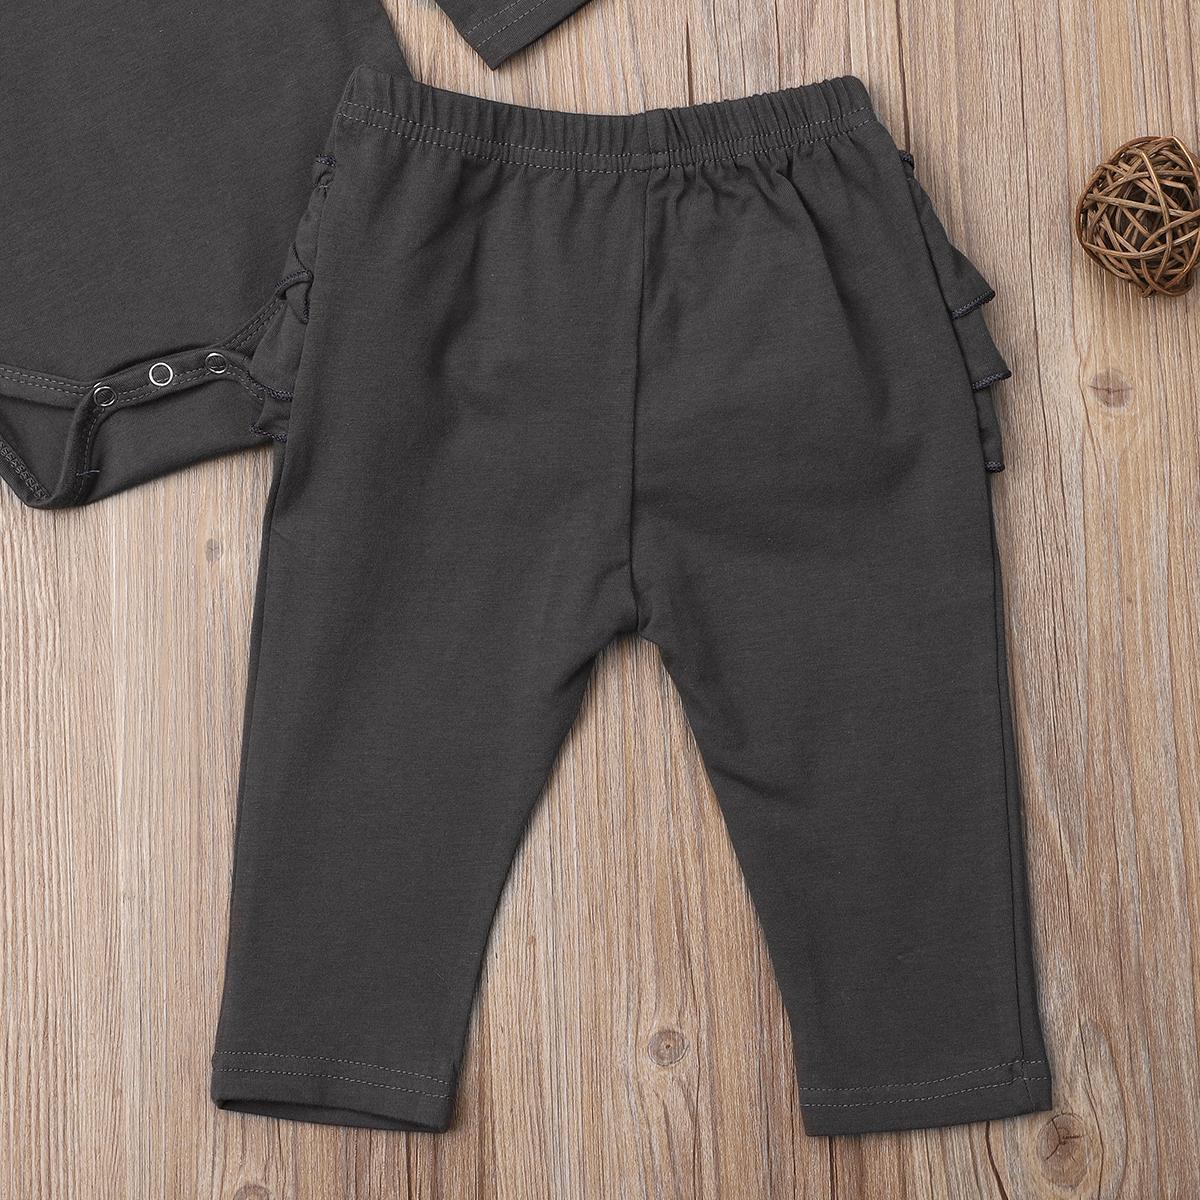 Printemps solide nourrisson enfant bébé fille Vêtements Ruches Hauts Pantalons Romper longues Set Outfit